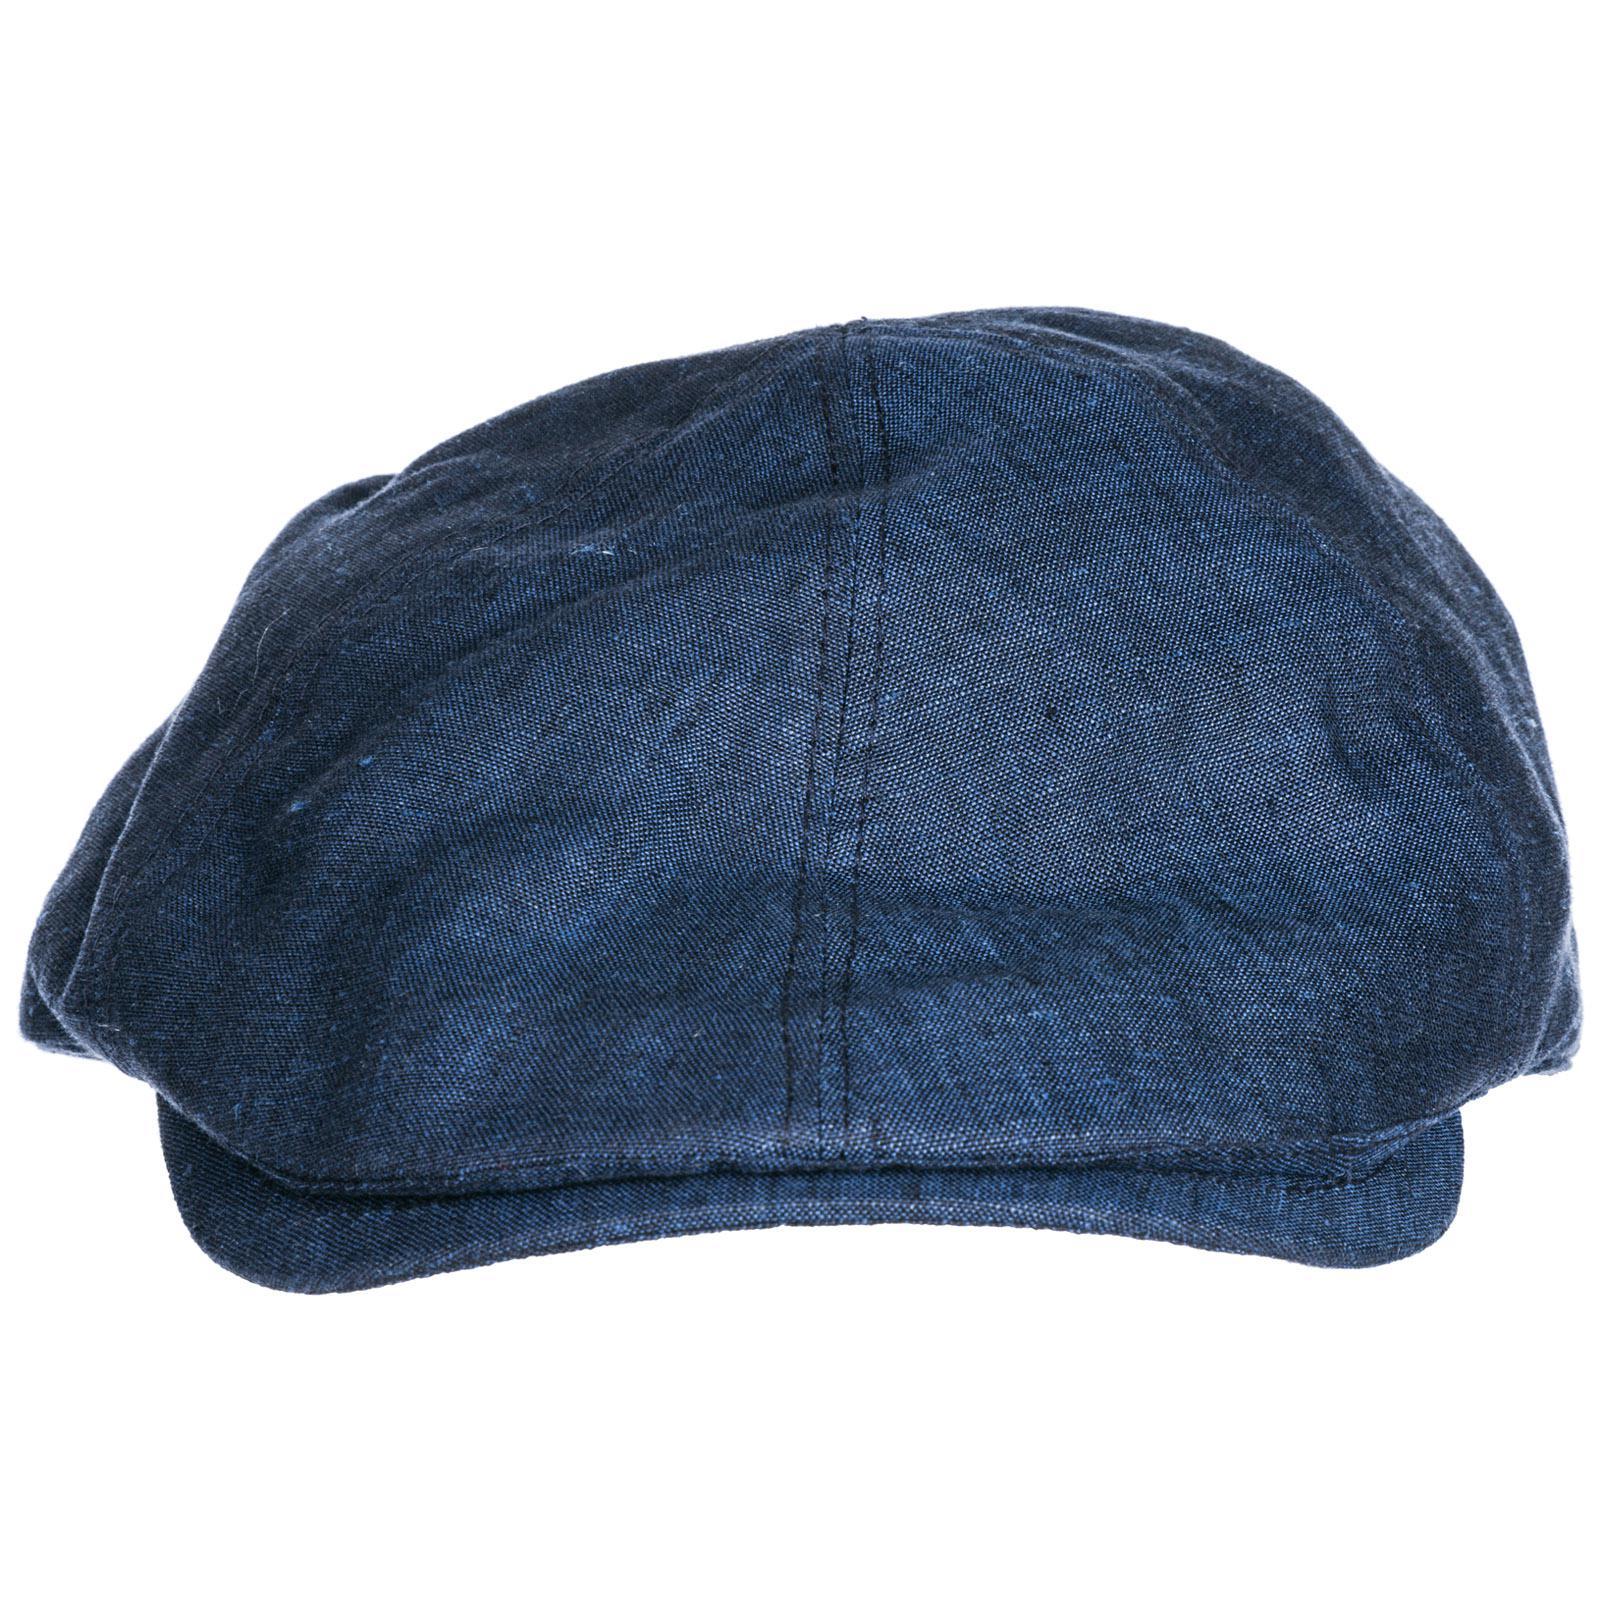 38a7fa4826780 Emporio Armani Flat Hat Sboy Cap Gatsby in Blue for Men - Lyst